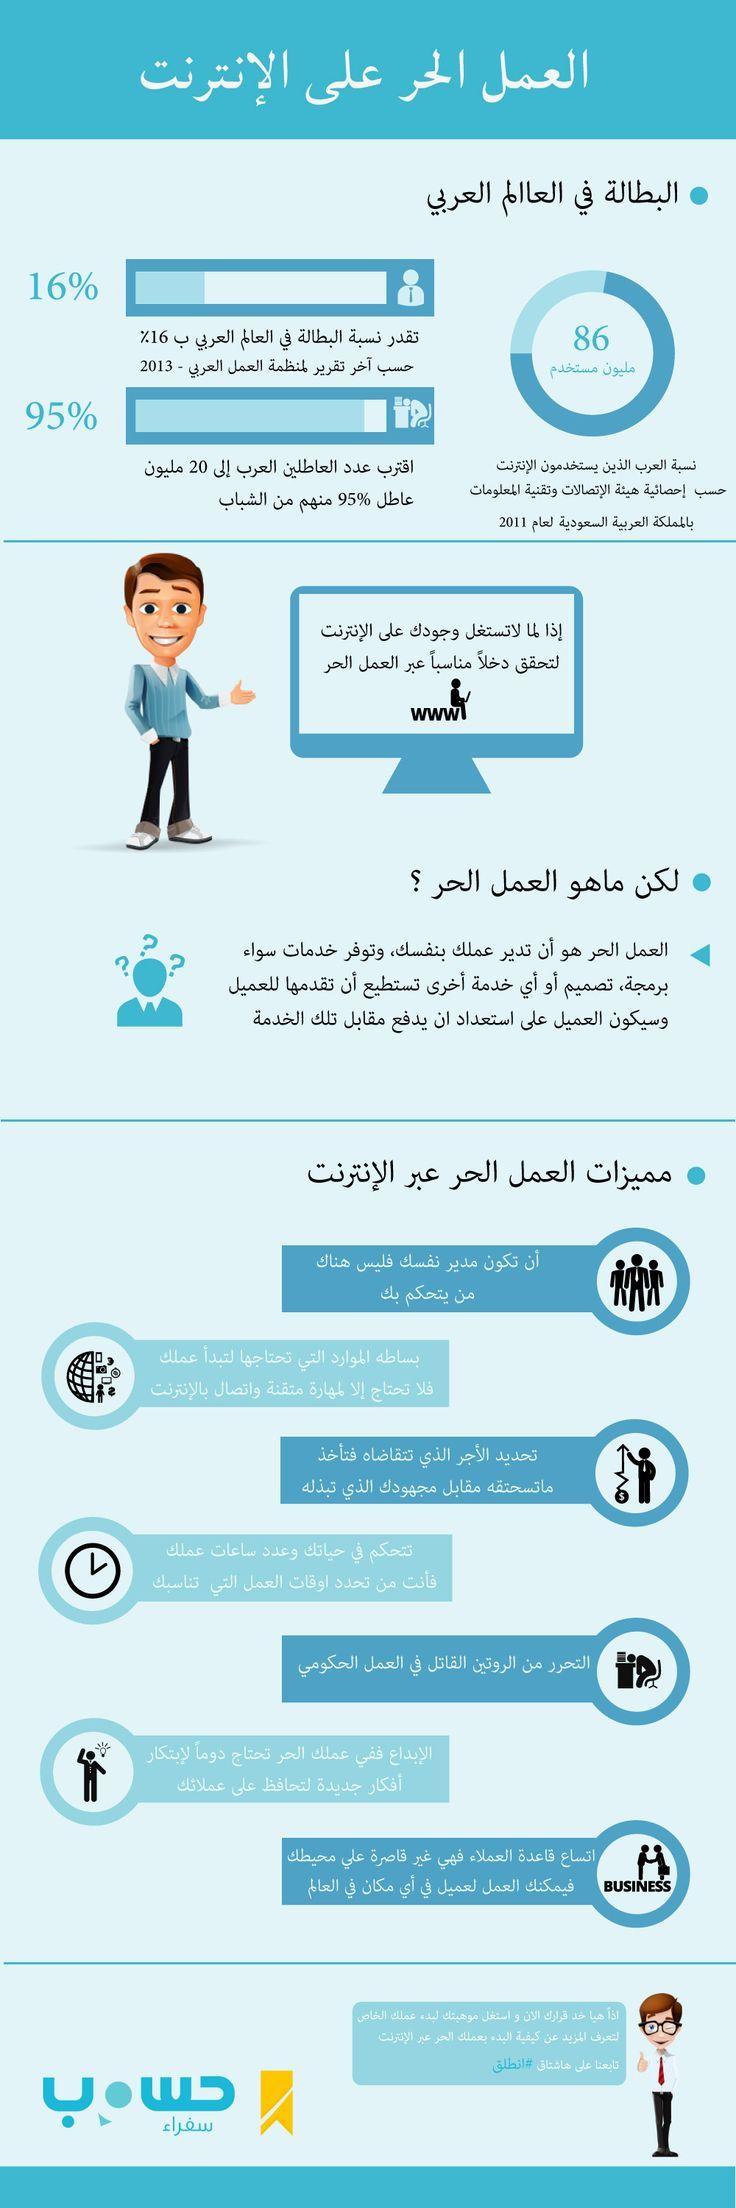 انفوجرافيك العمل الحر على الإنترنت انفوجرافيك عربي Social Media Marketing Business Business Notes Life Skills Activities